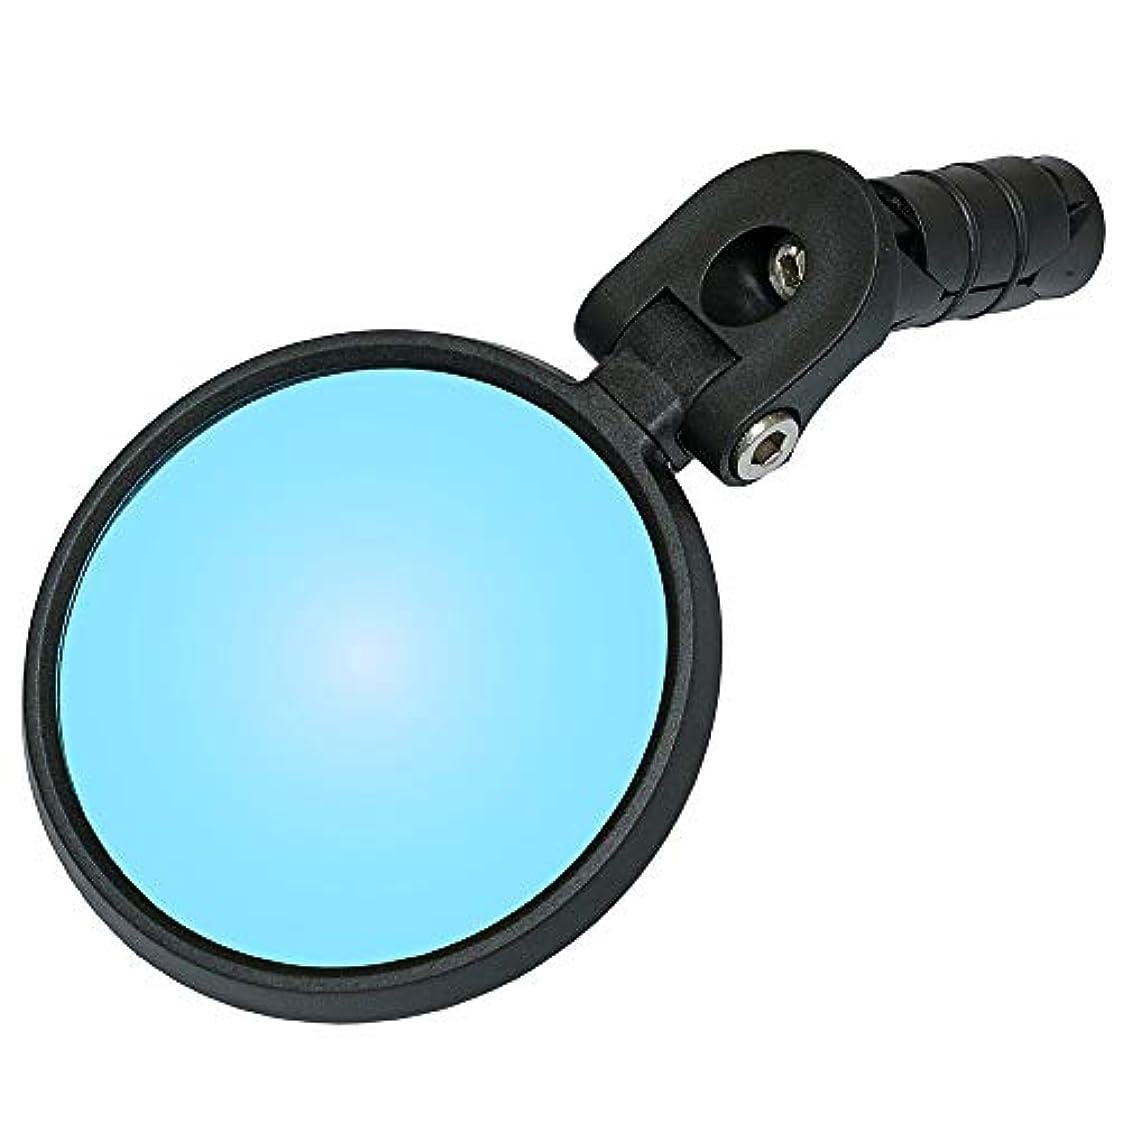 広告主タンザニア退屈メカウ (MEACHOW) リヤビューミラー ラウンドガラスミラー